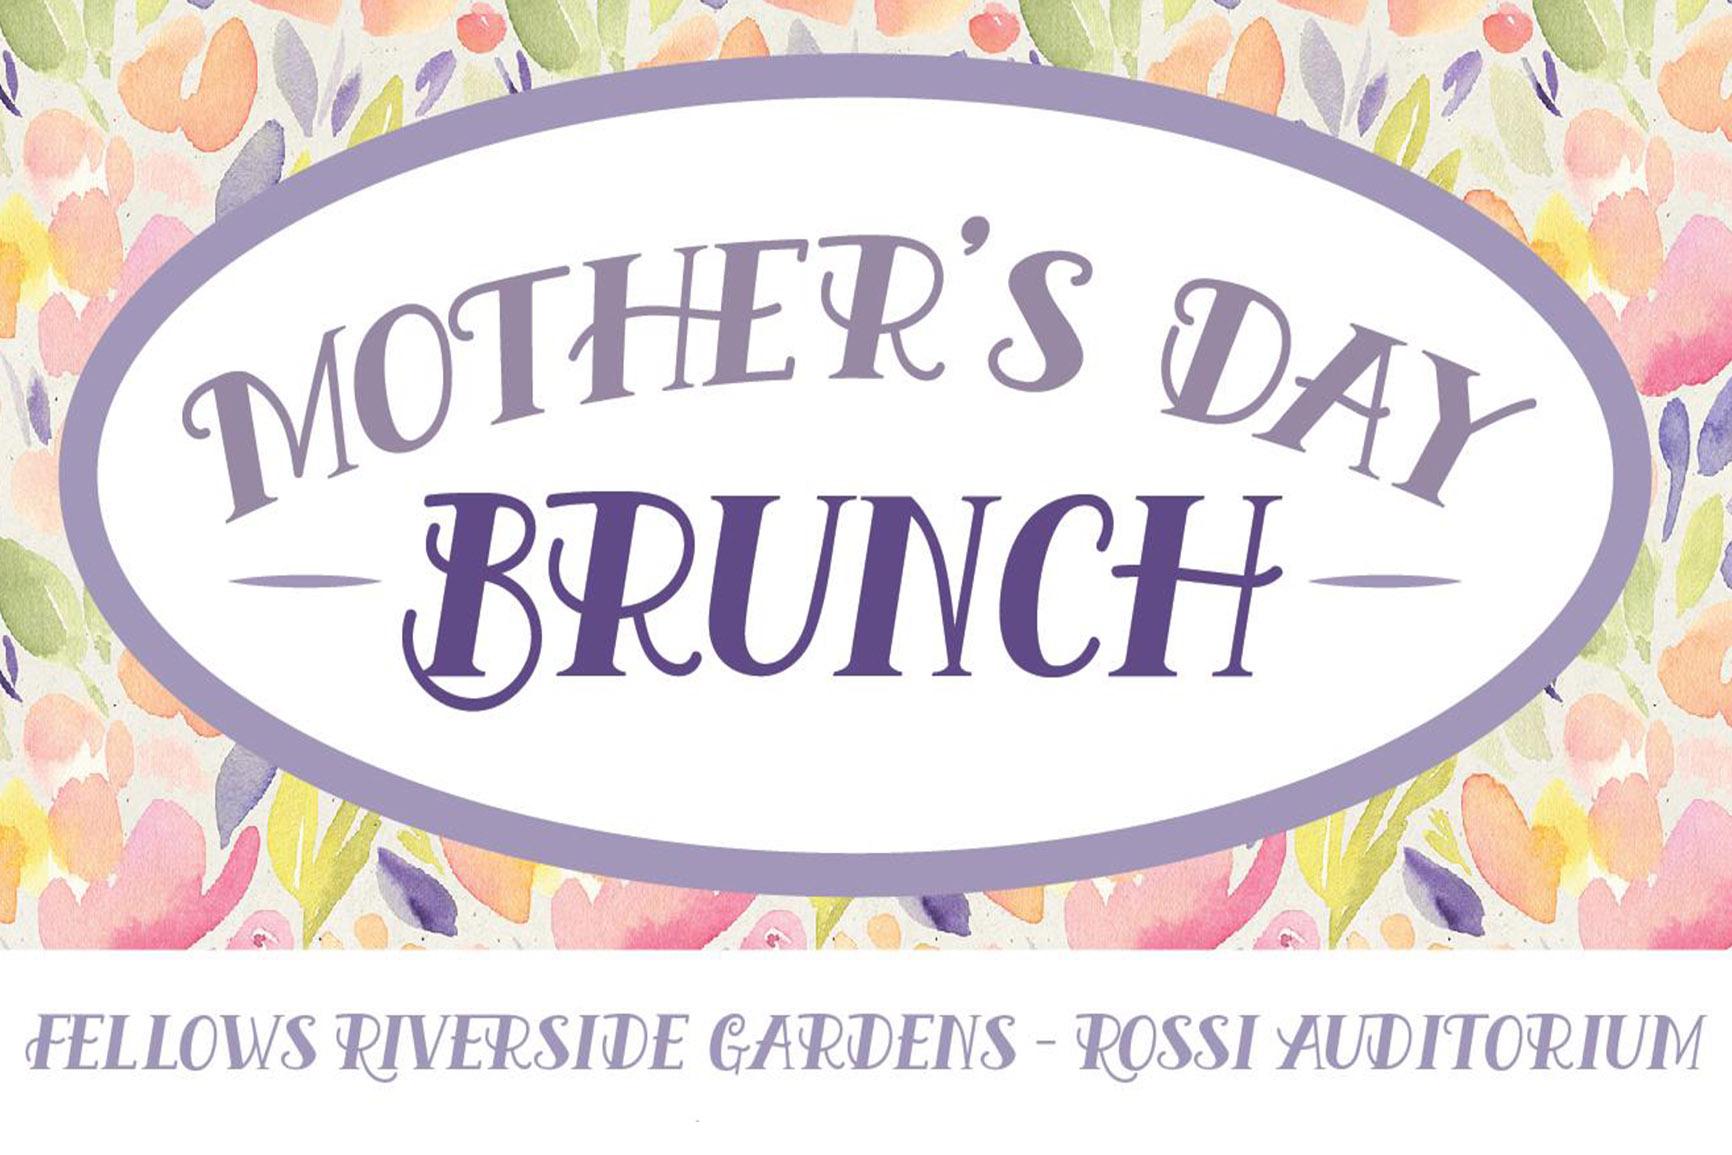 Mother's Day Brunch Fellows Riverside Gardens